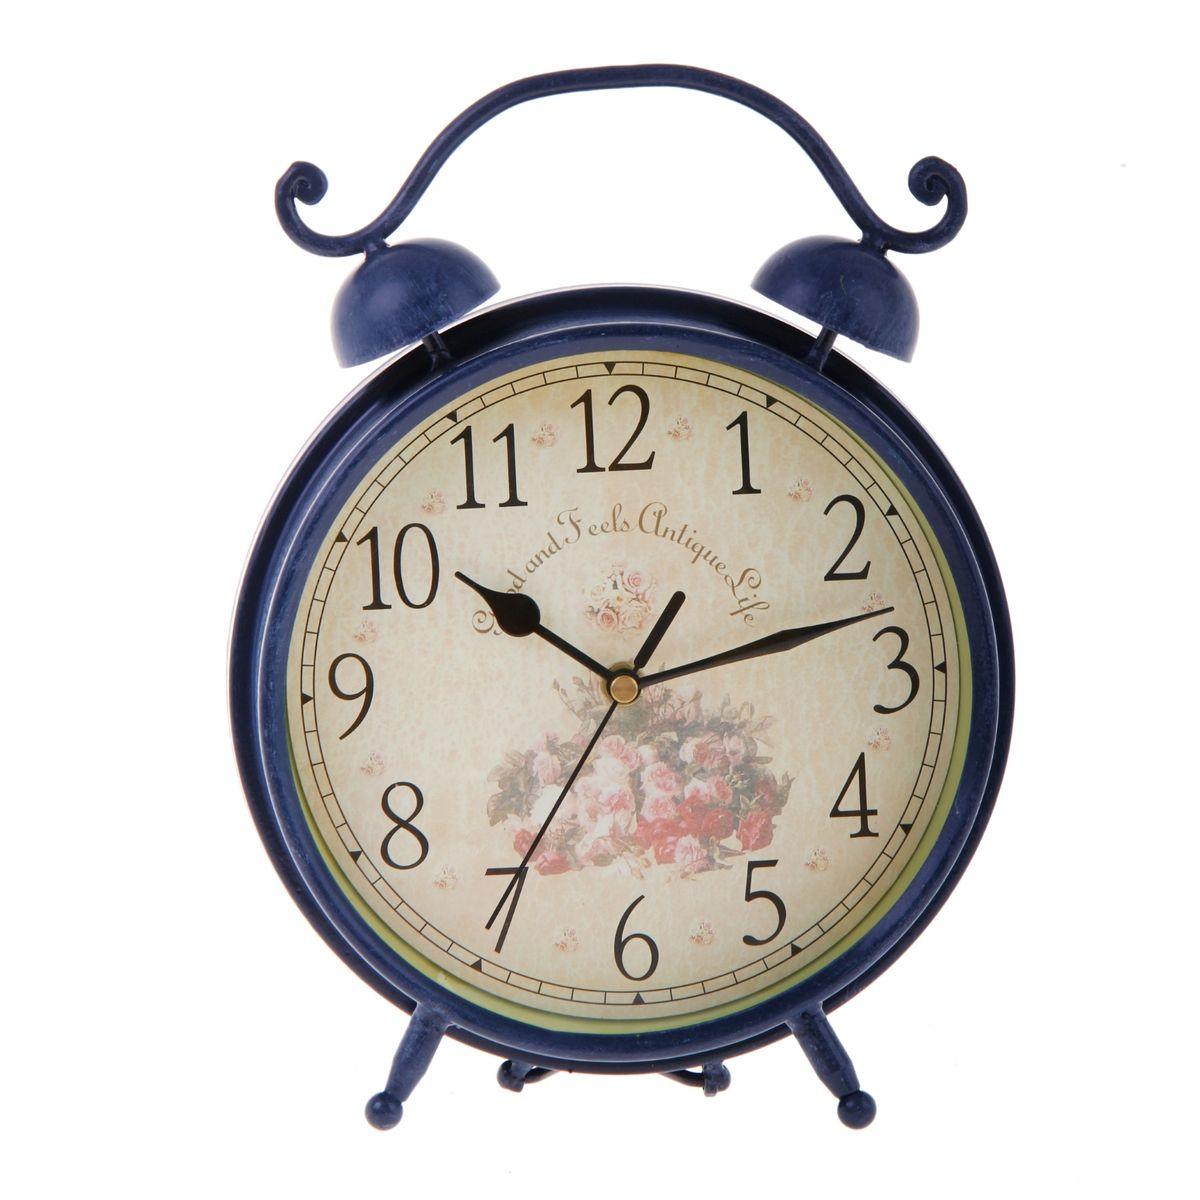 Часы настольные Sima-land, цвет: синий. 670128670128Настольные часы Sima-land станут оригинальным элементом декора вдоме или офисе.Часы, изготовленные из высококачественного металла и стекла, выполнены в видебудильника. Циферблат круглой формы, имеет крупные арабские цифры.Часы имеют три стрелки - часовую, минутную и секундную. Изделие располагается наметаллических ножках. Настольные часы Sima-land станут не только оригинальным украшениемстола, но и прекрасным подарком, который обязательно понравится получателю.Часы работают от одной батарейки с напряжением 1,5 V (в комплект невходит).Диаметр циферблата: 18,5 см. Общий размер часов: 20 см х 7,5 см х 26,5 см.